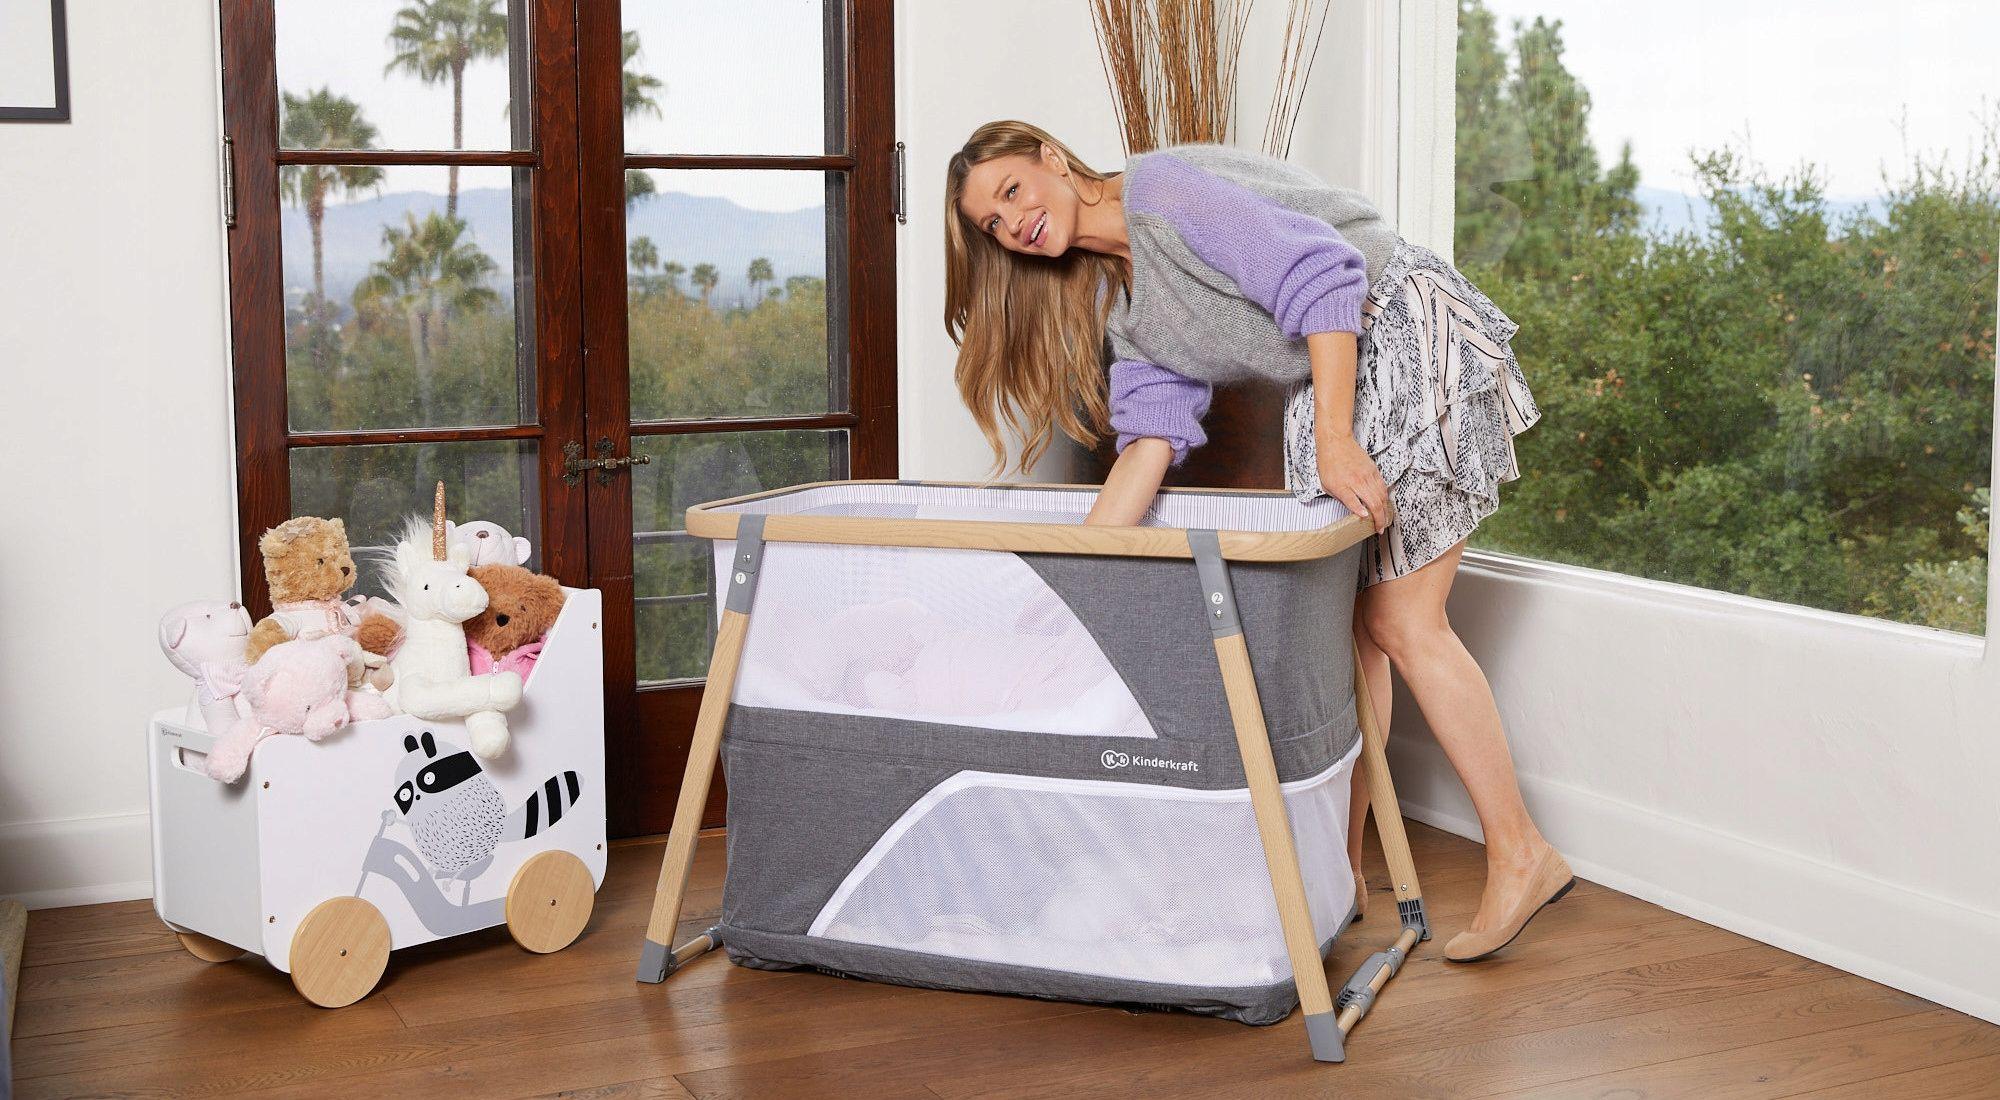 Lozeczko Turystyczne Kojec 4w1 Sofi Kinderkraft Home Decor Toddler Bed Decor